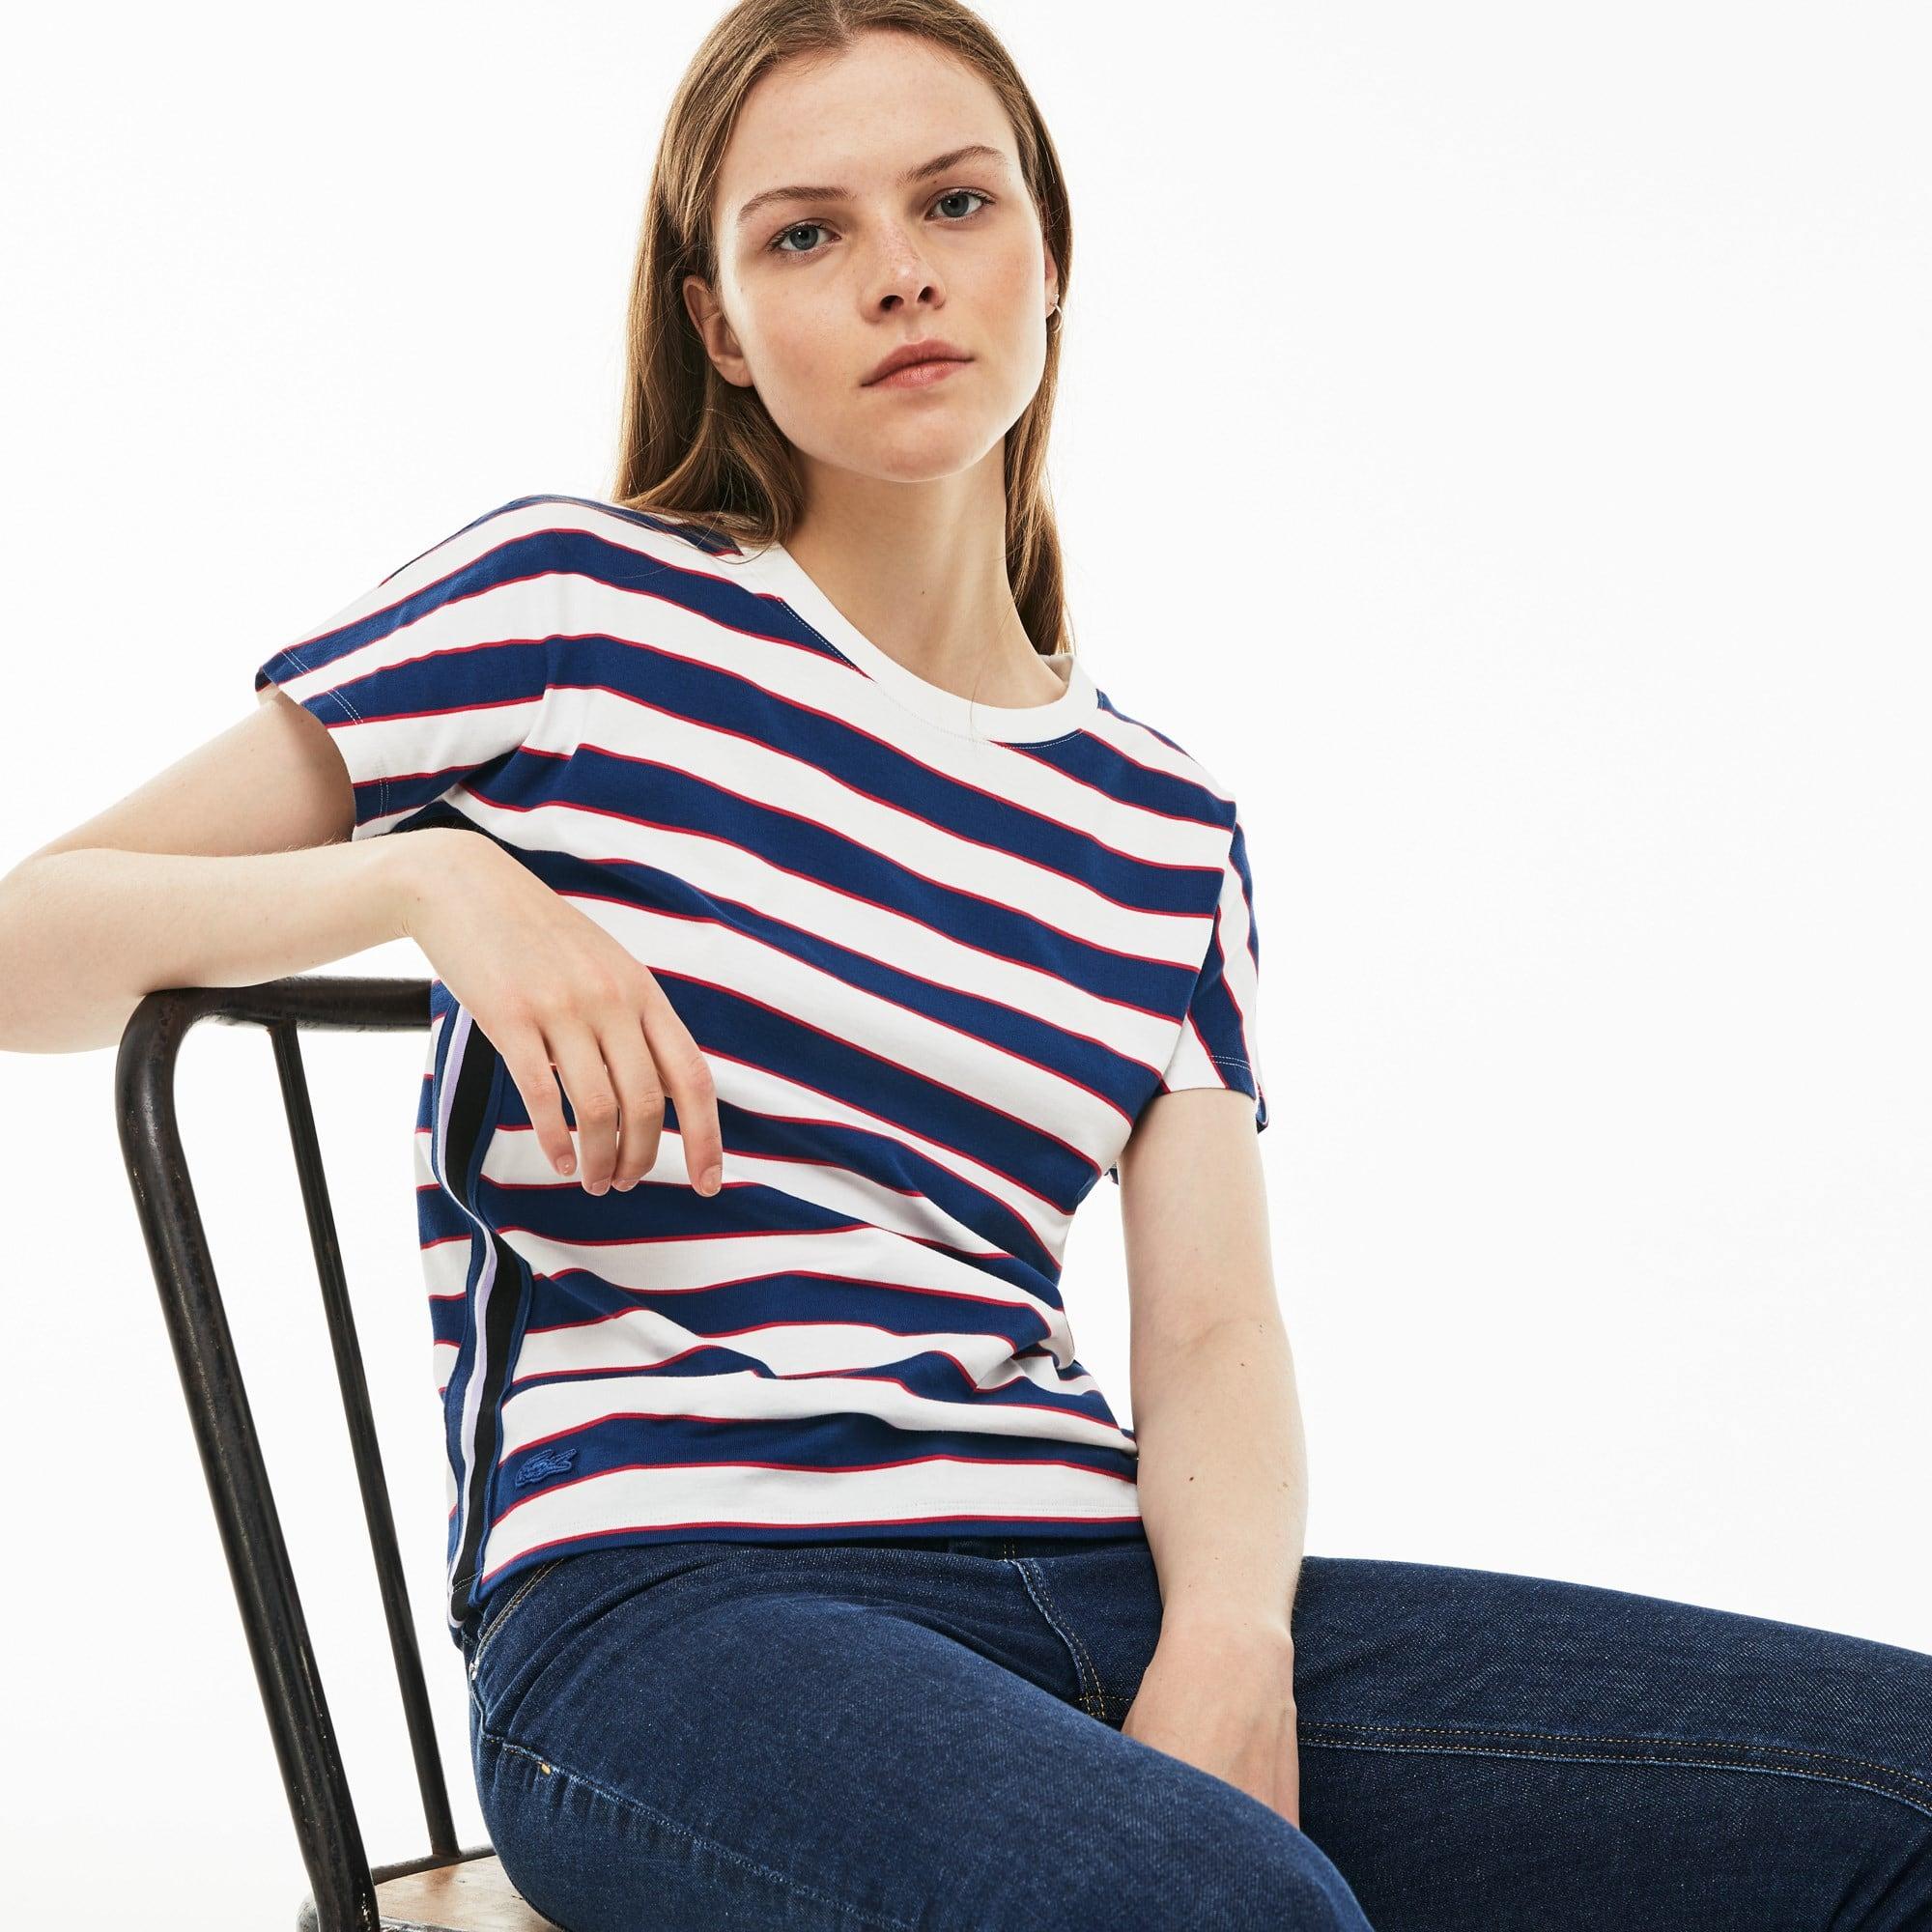 065004b30640 T-Shirts und Tops für Frauen   Damenmode   LACOSTE